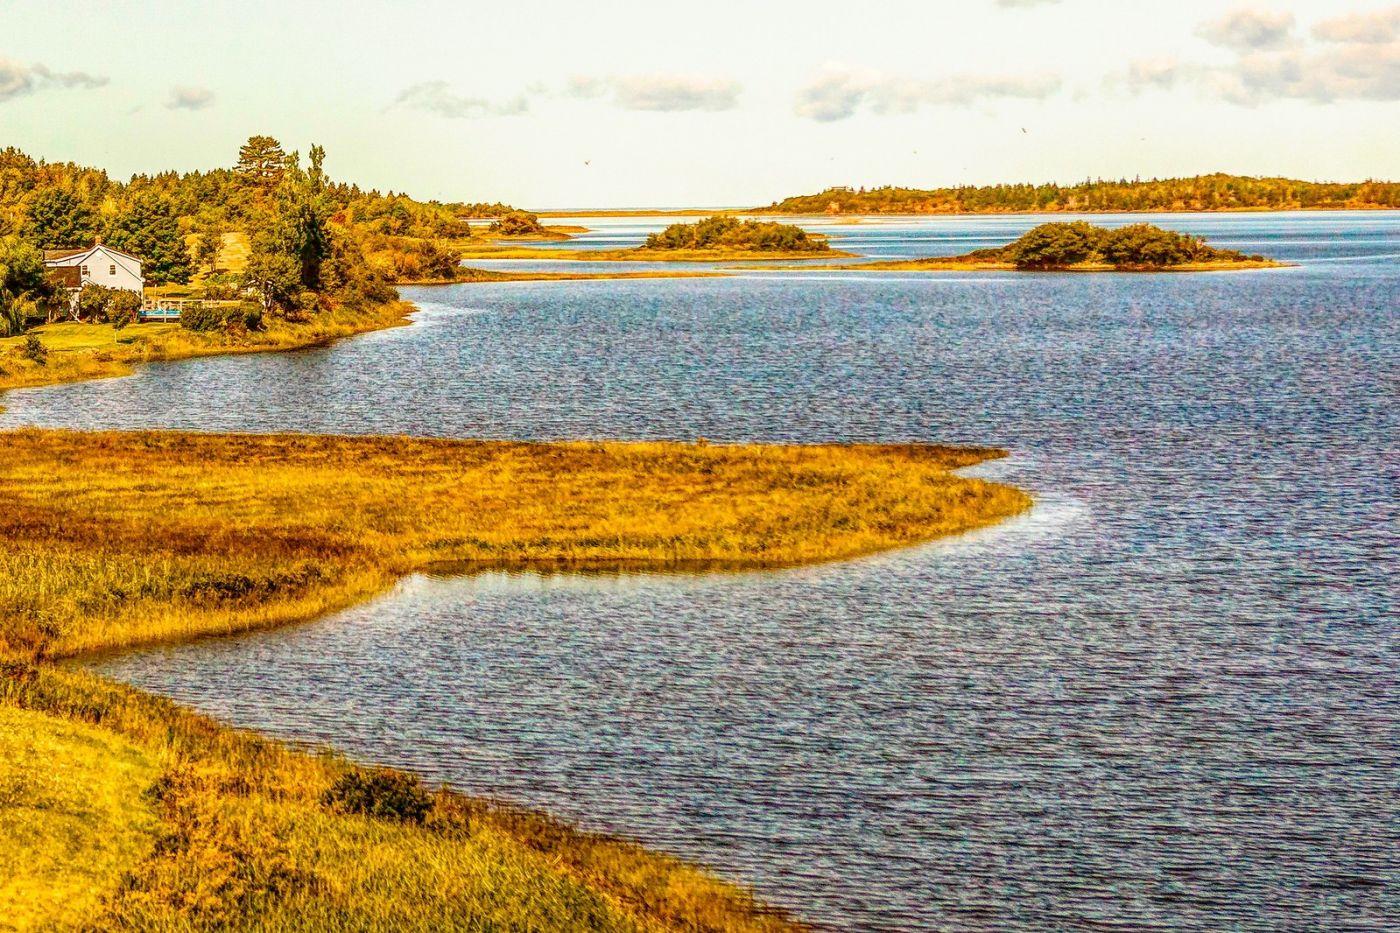 加拿大路途,水边抓拍_图1-40